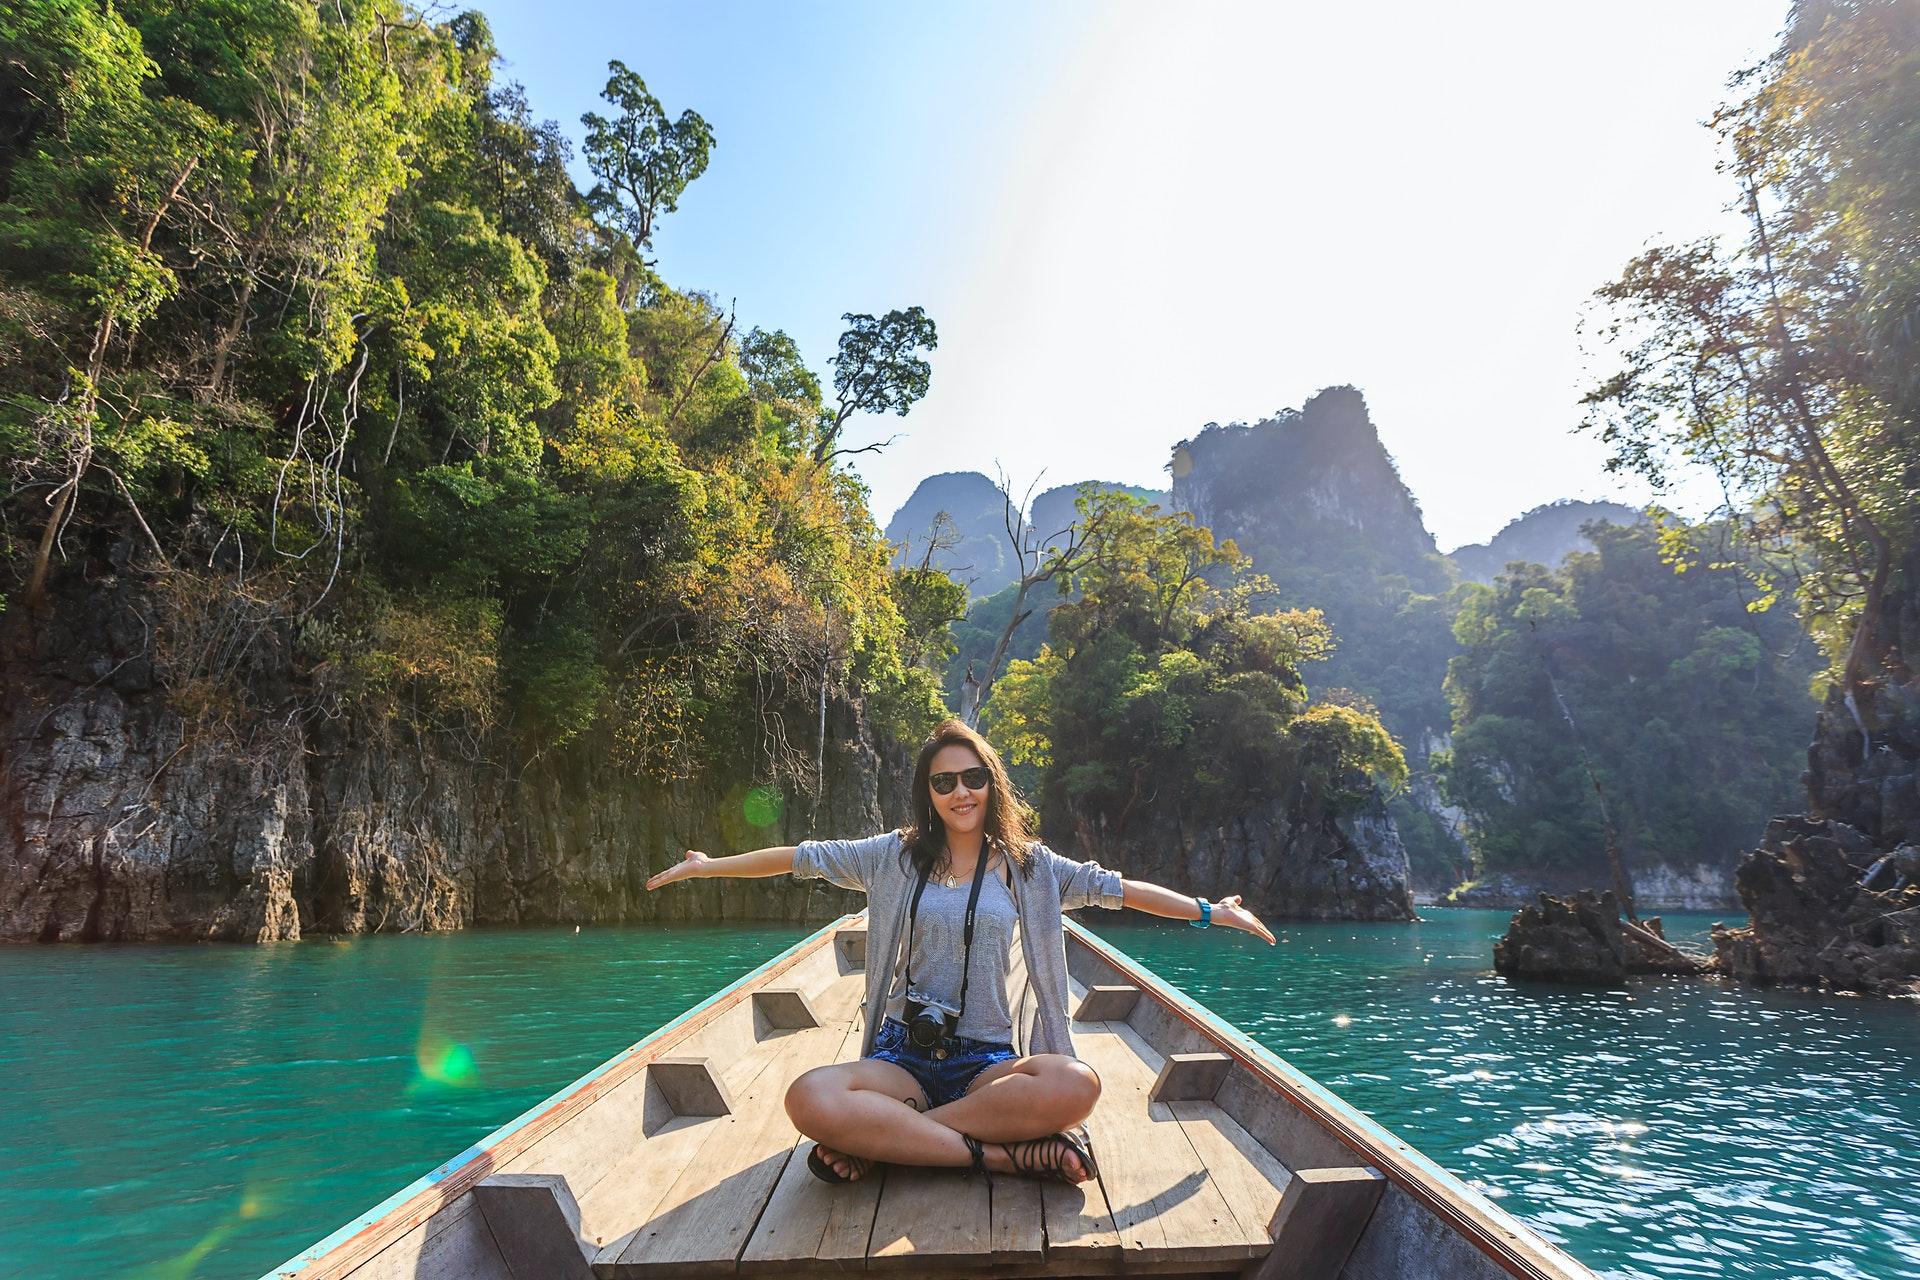 Vacanze in solitaria: guida ai luoghi più caratteristici